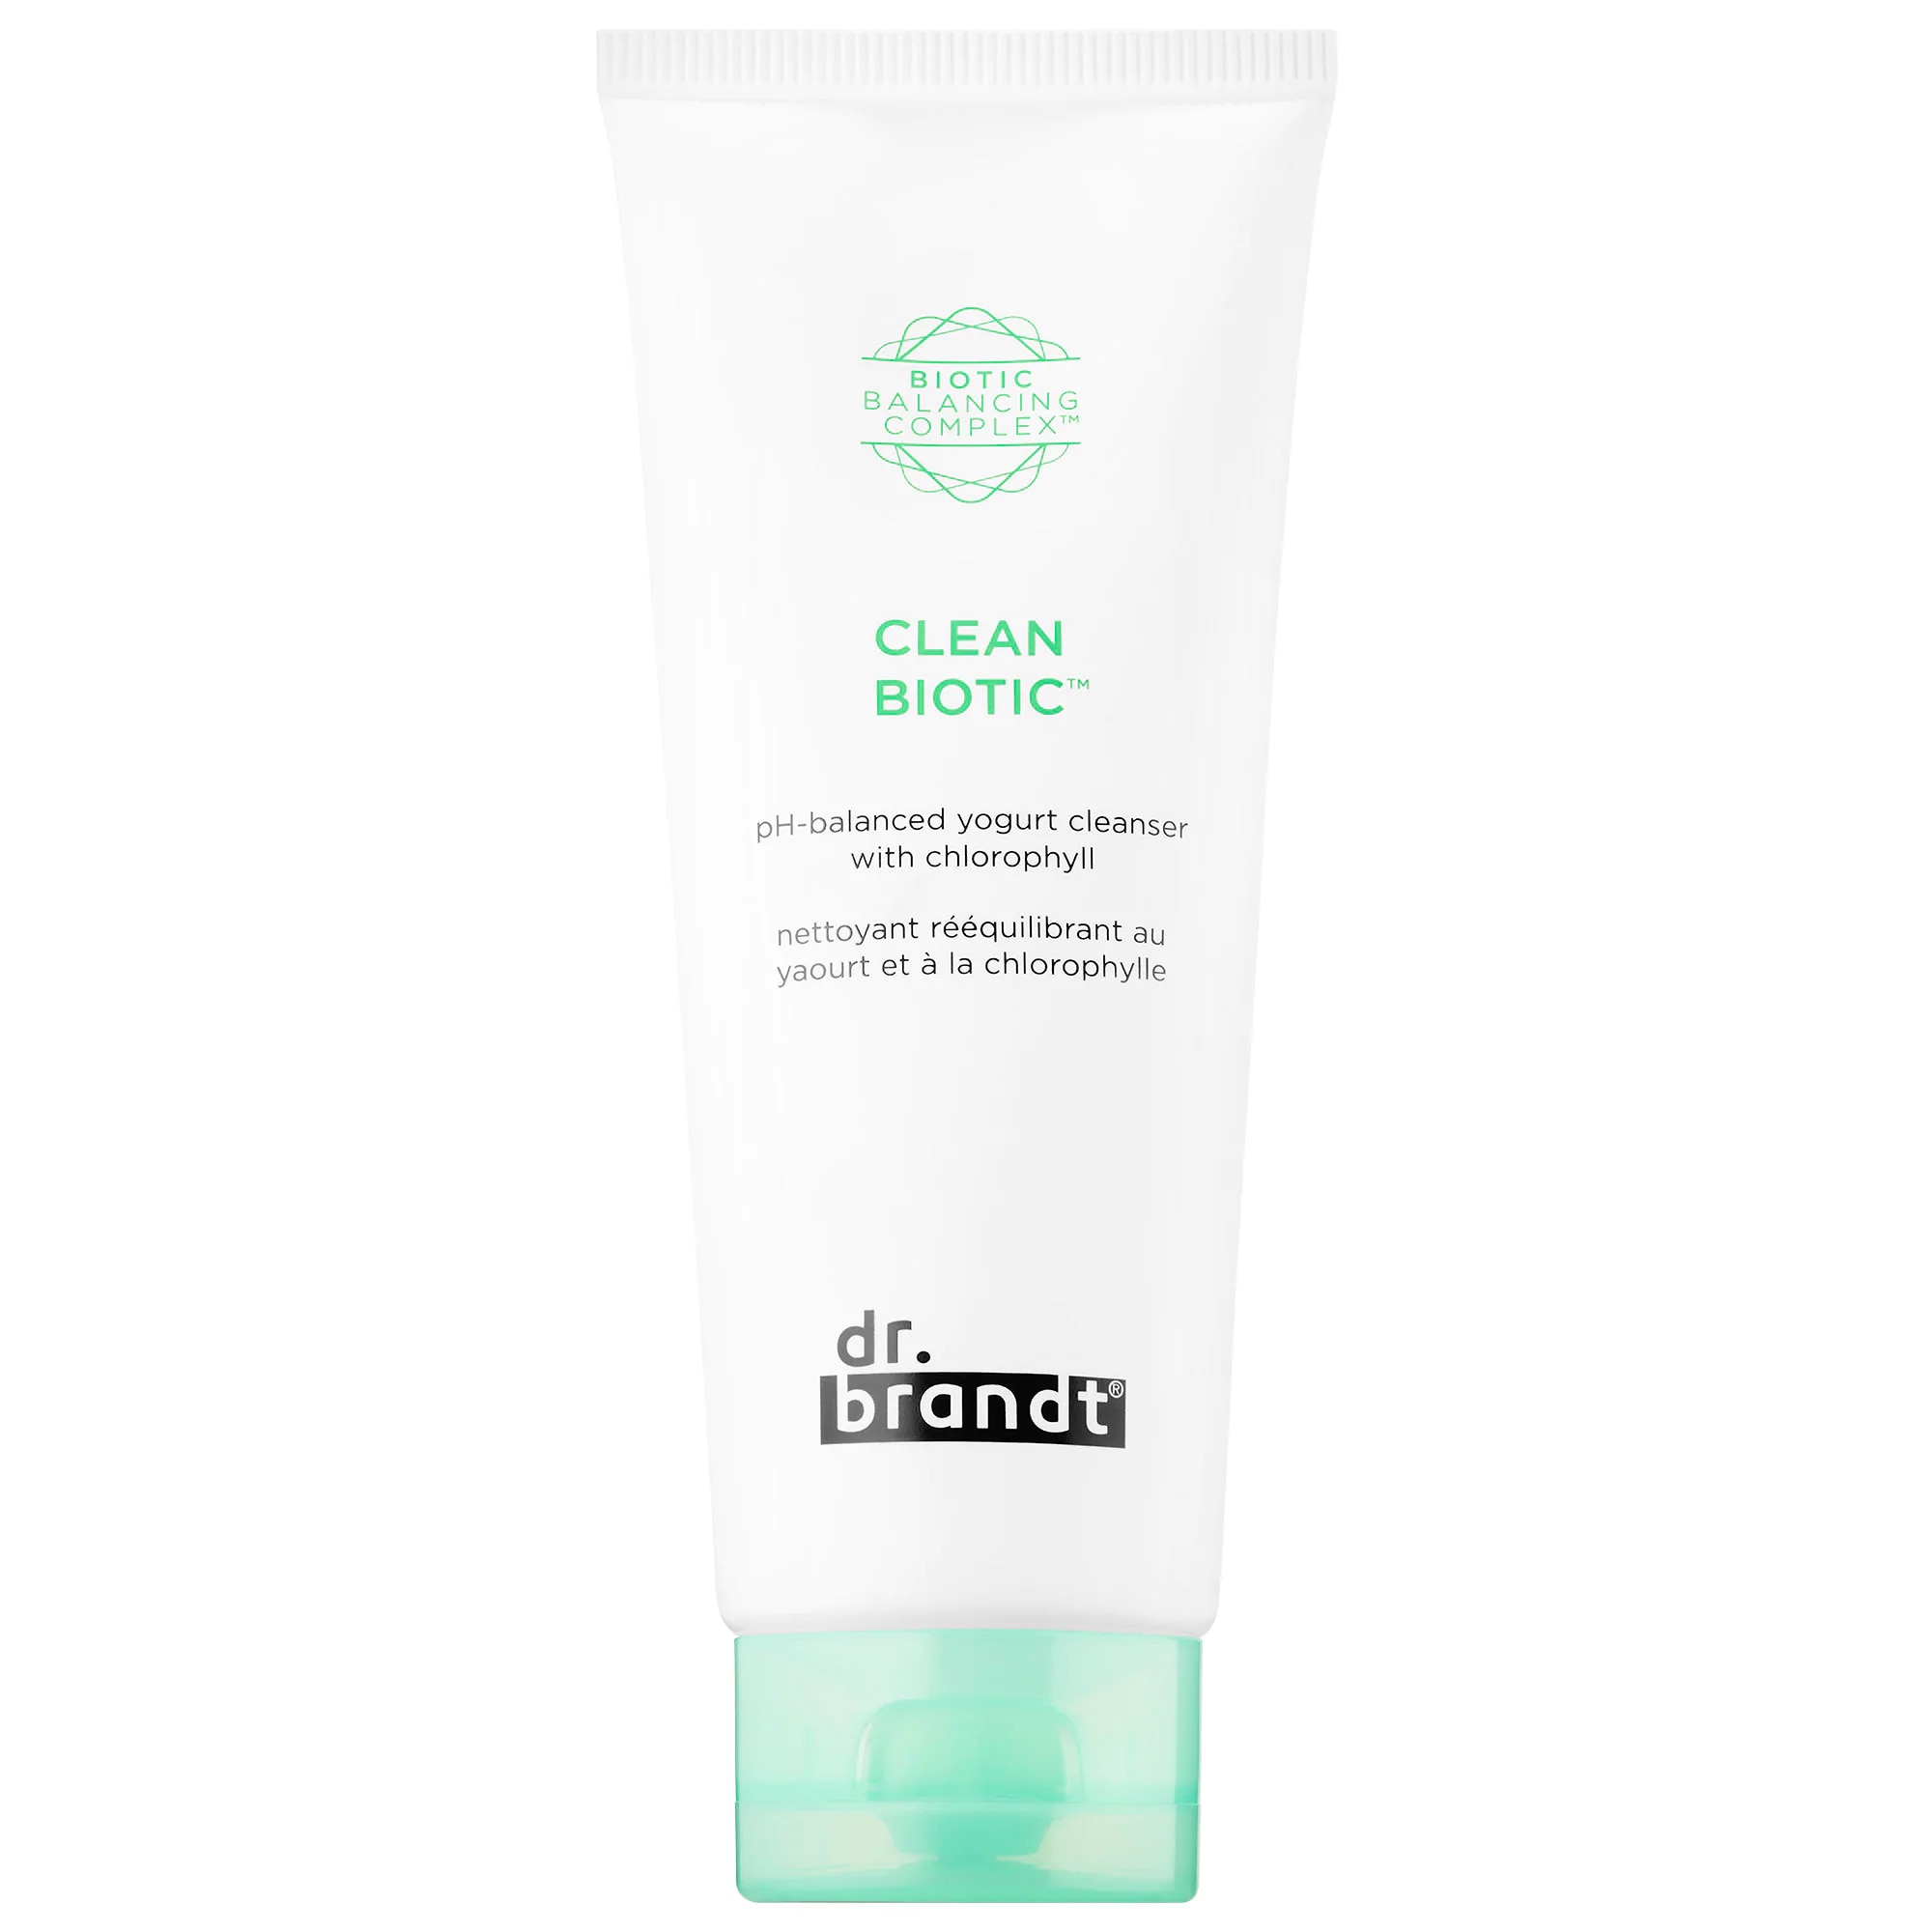 CLEAN BIOTIC CLEANSER 100ML (LIMPIADOR FACIAL)